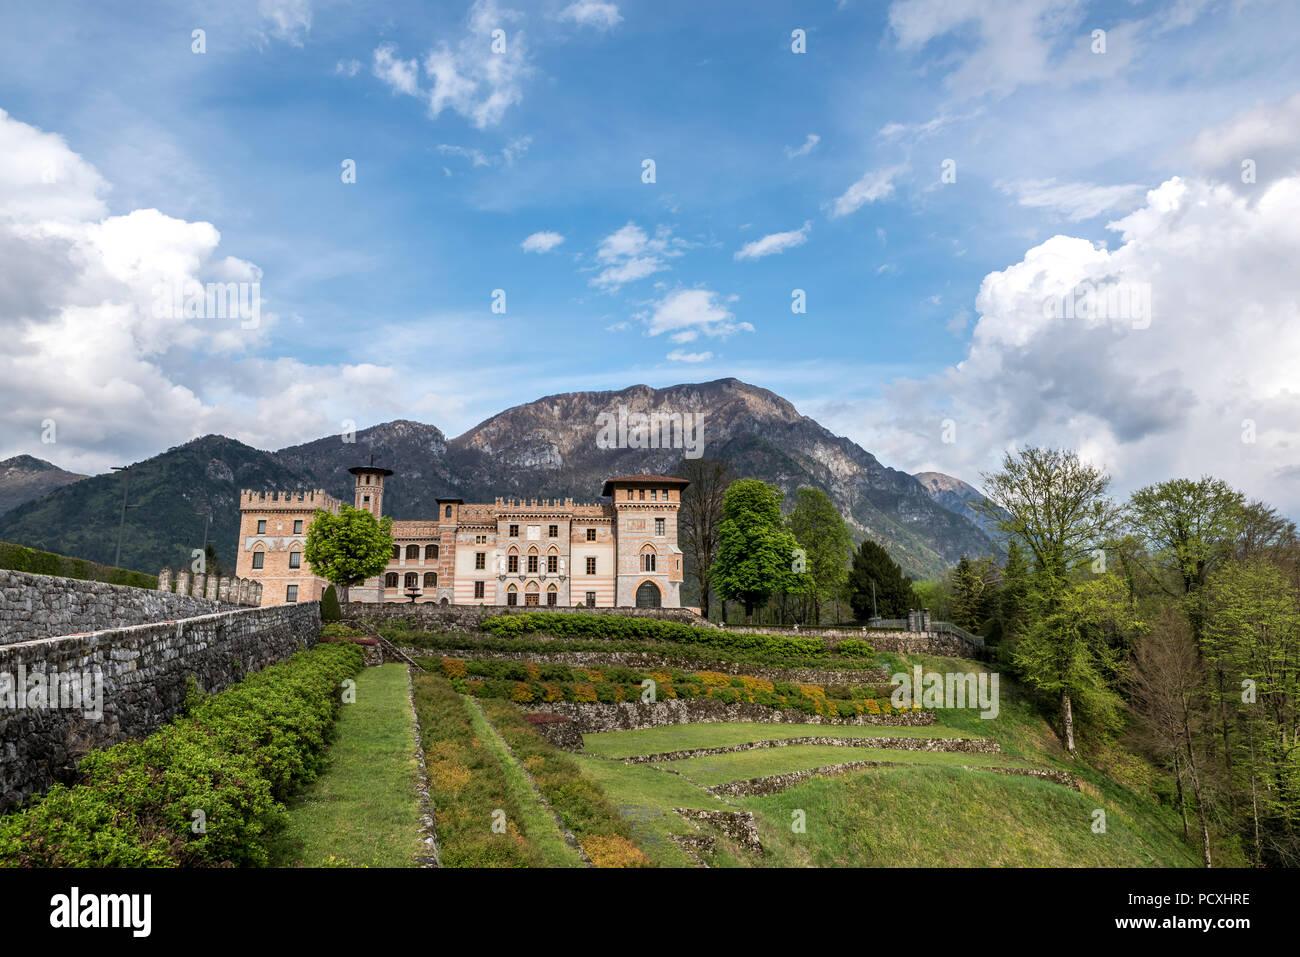 PIELUNGO, Italia, Aprile 29, 2014: Il Ceconi del Castello e Pielungo, Pordenone, Italia. Immagini Stock